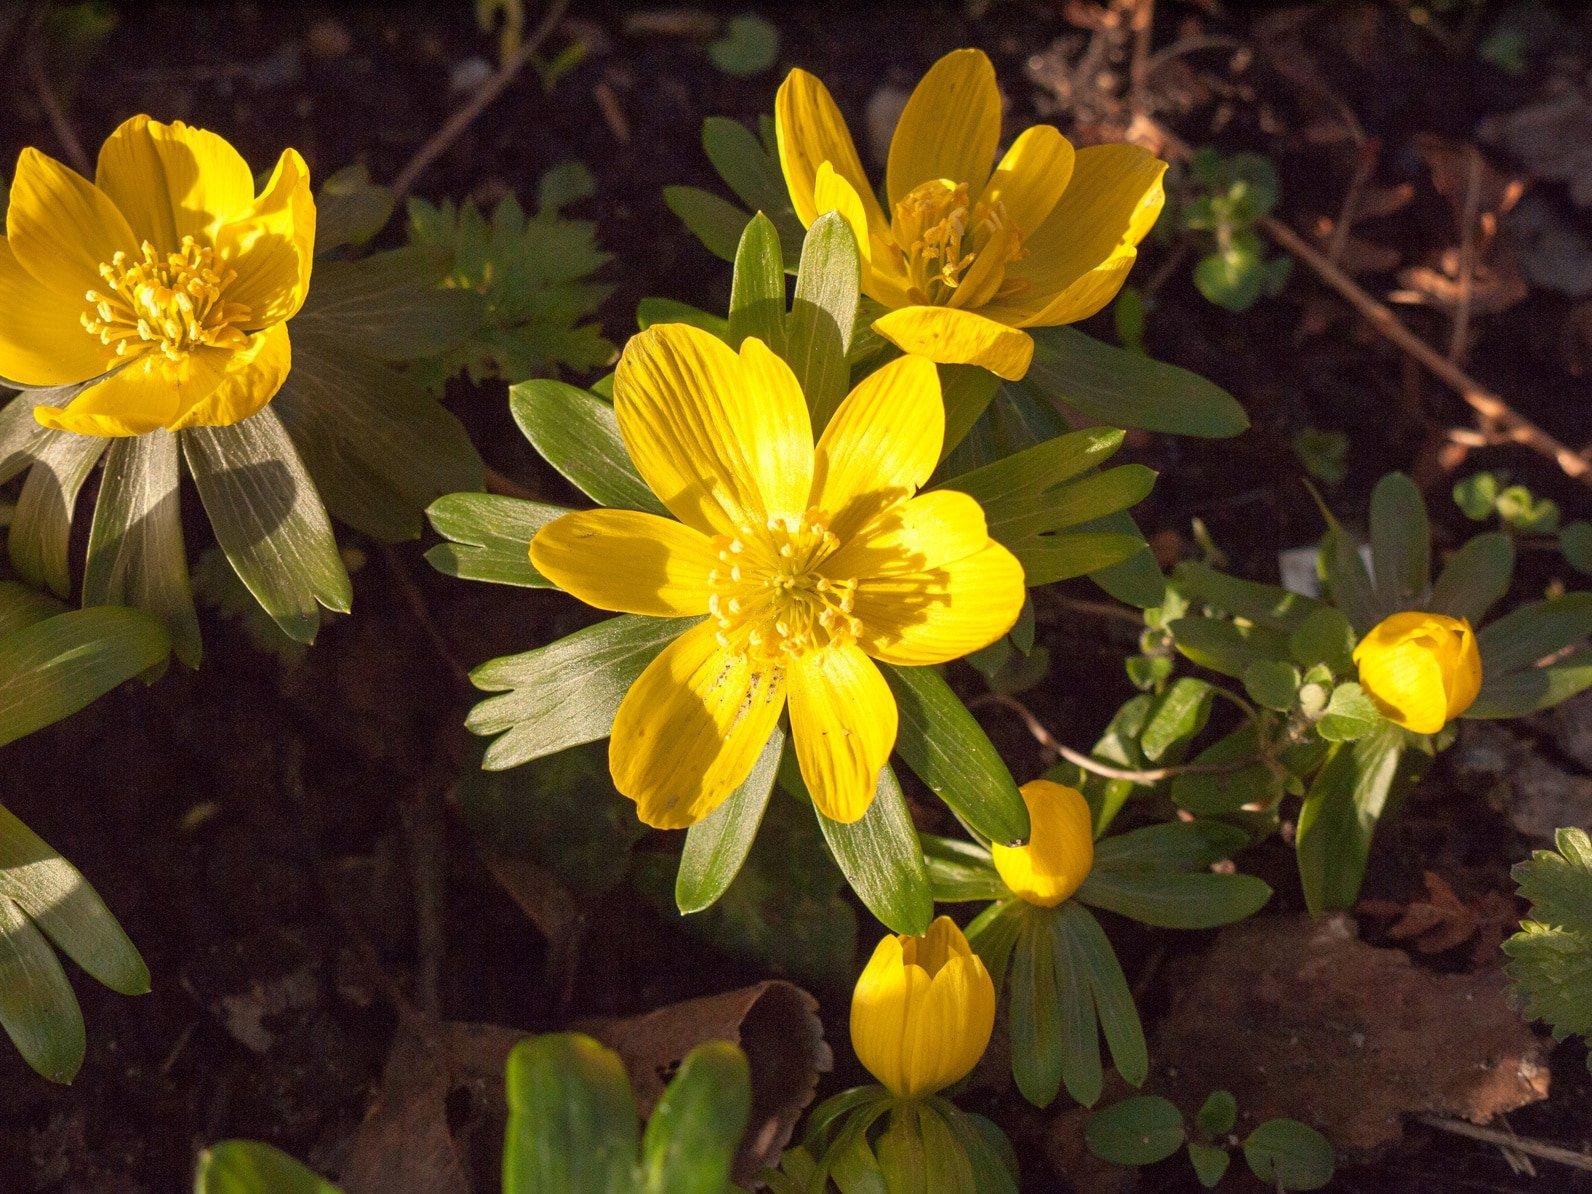 Erfahre mehr über Ranunculus bulbosus Globuli in der Homöopathie und bei welchen Krankheiten es angewendet wird. Fotolia © Callum